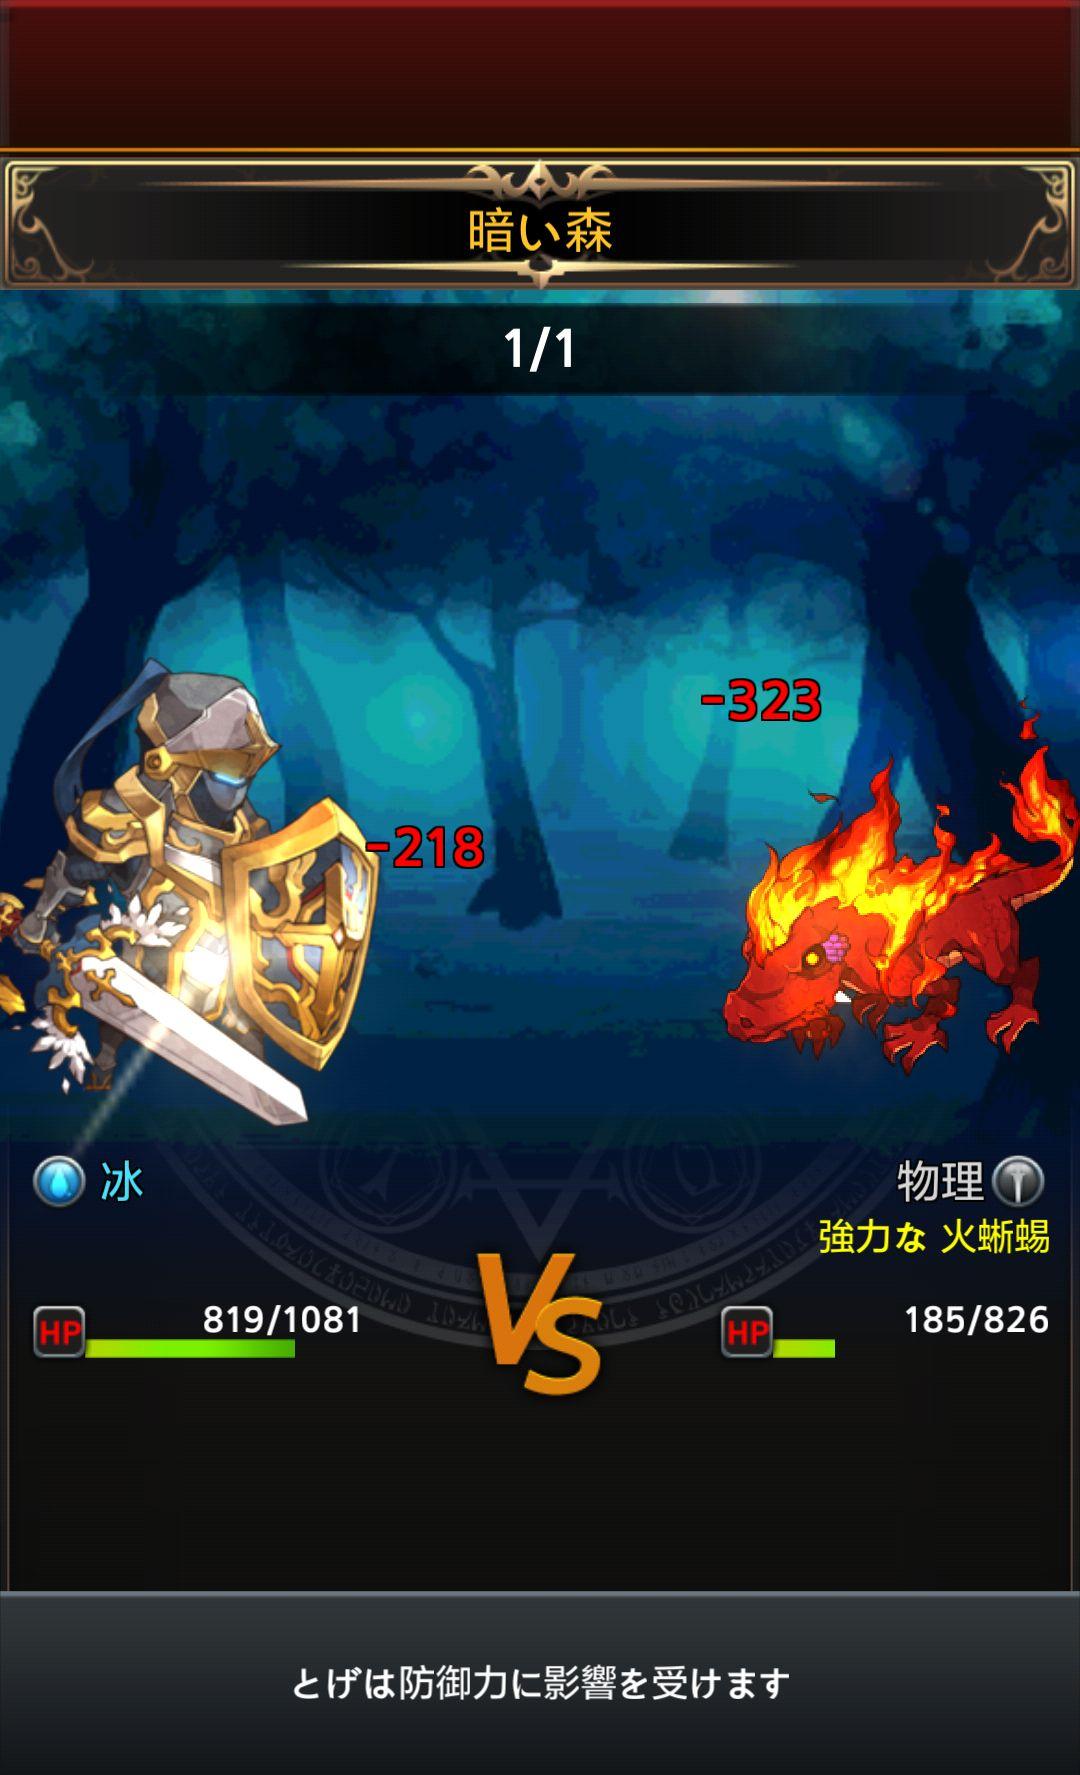 ドラゴンと迷宮 androidアプリスクリーンショット1